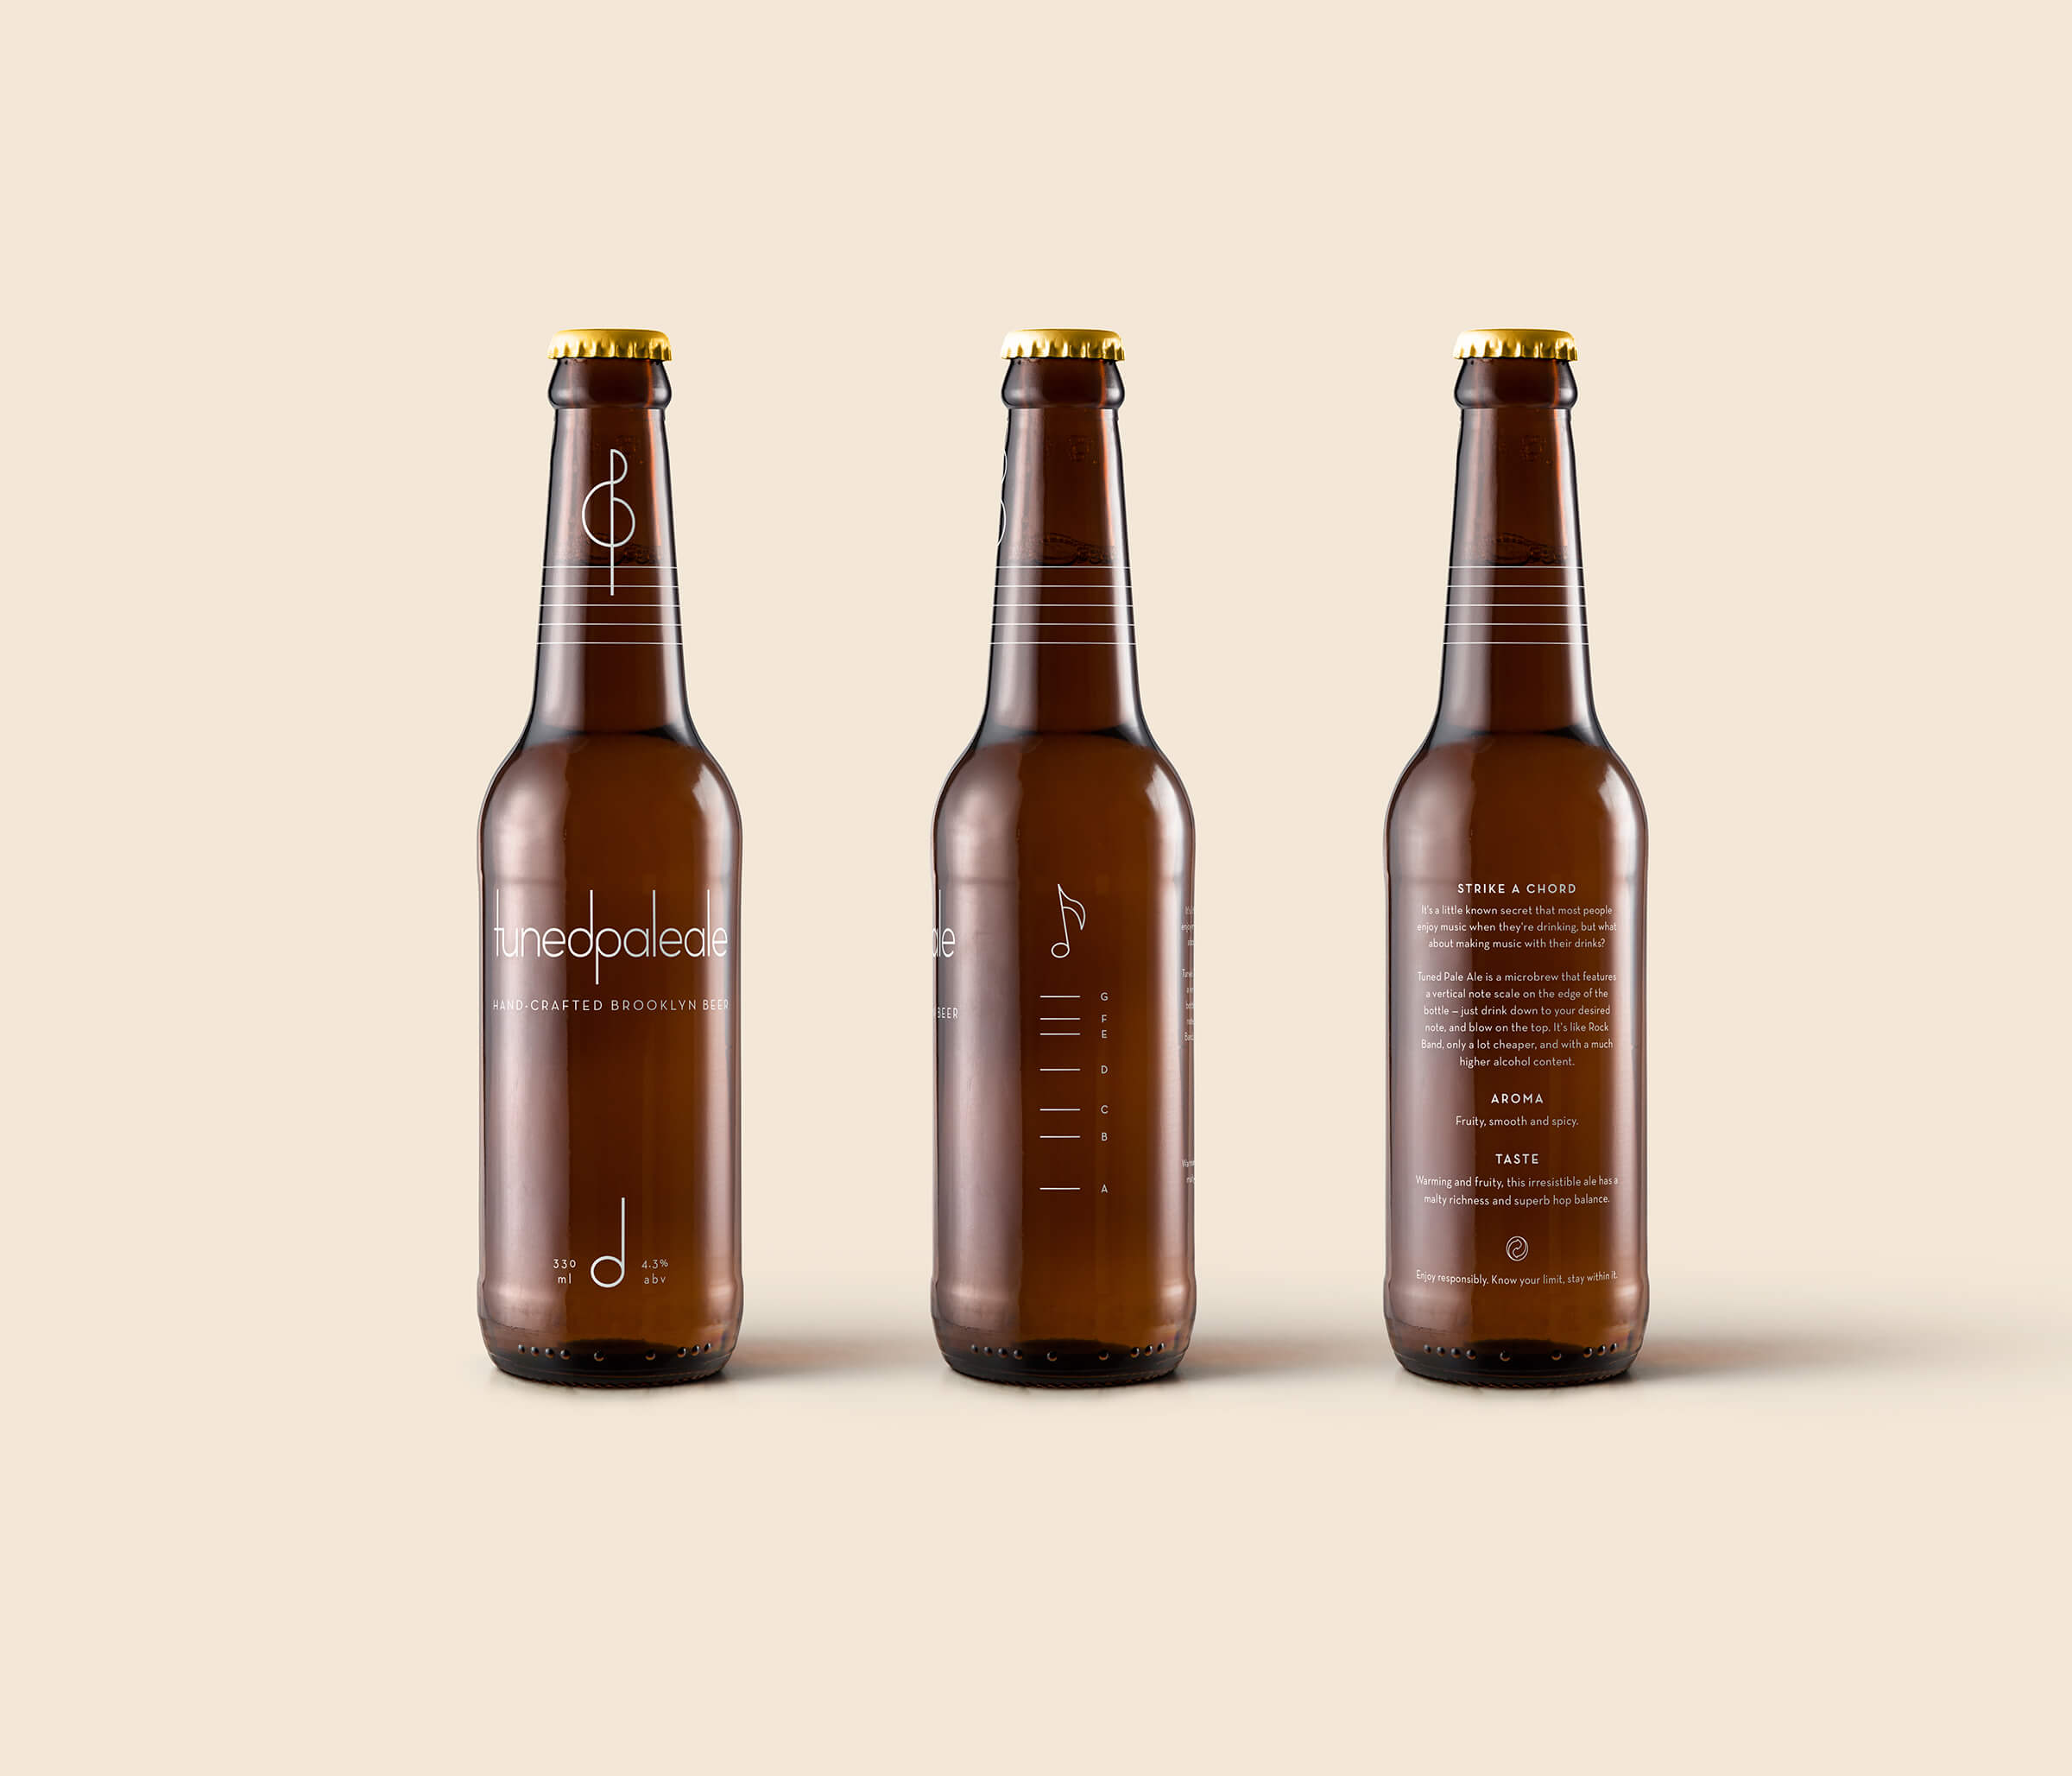 Tuned Pale Ale Bottle